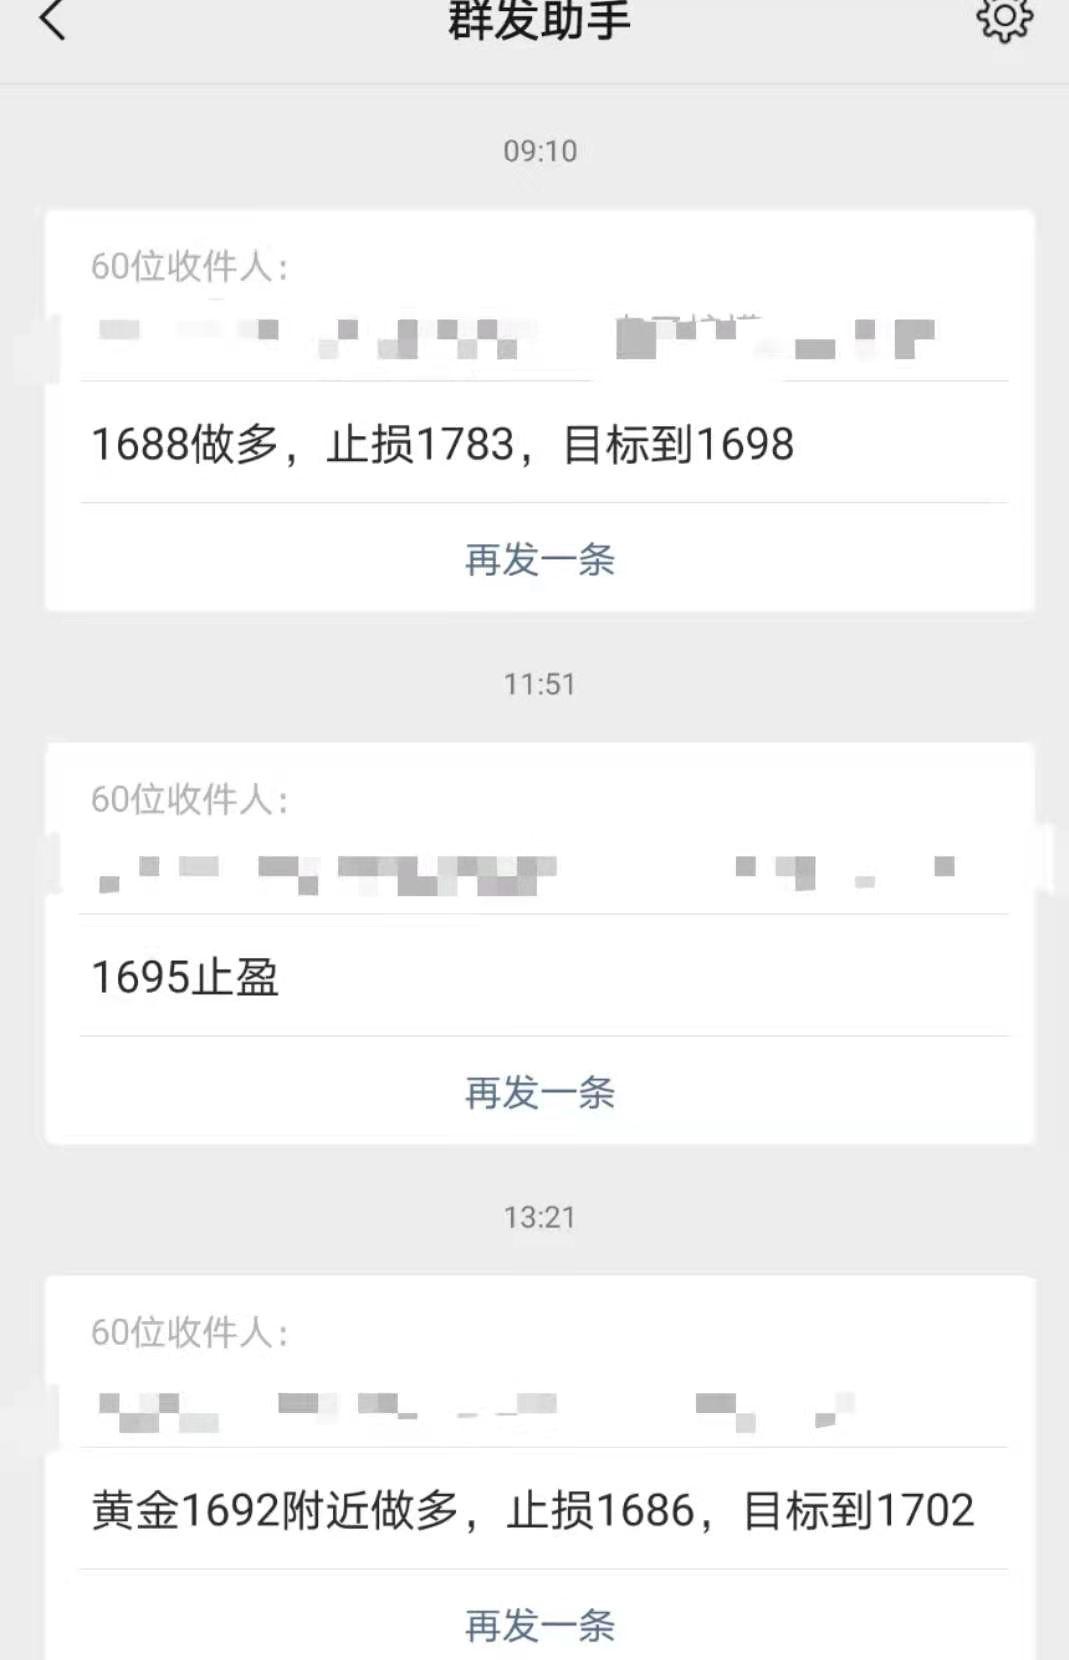 陈晓楠:3.5今日4单全胜,目前173连胜持有中,晚间黄金走势如何?